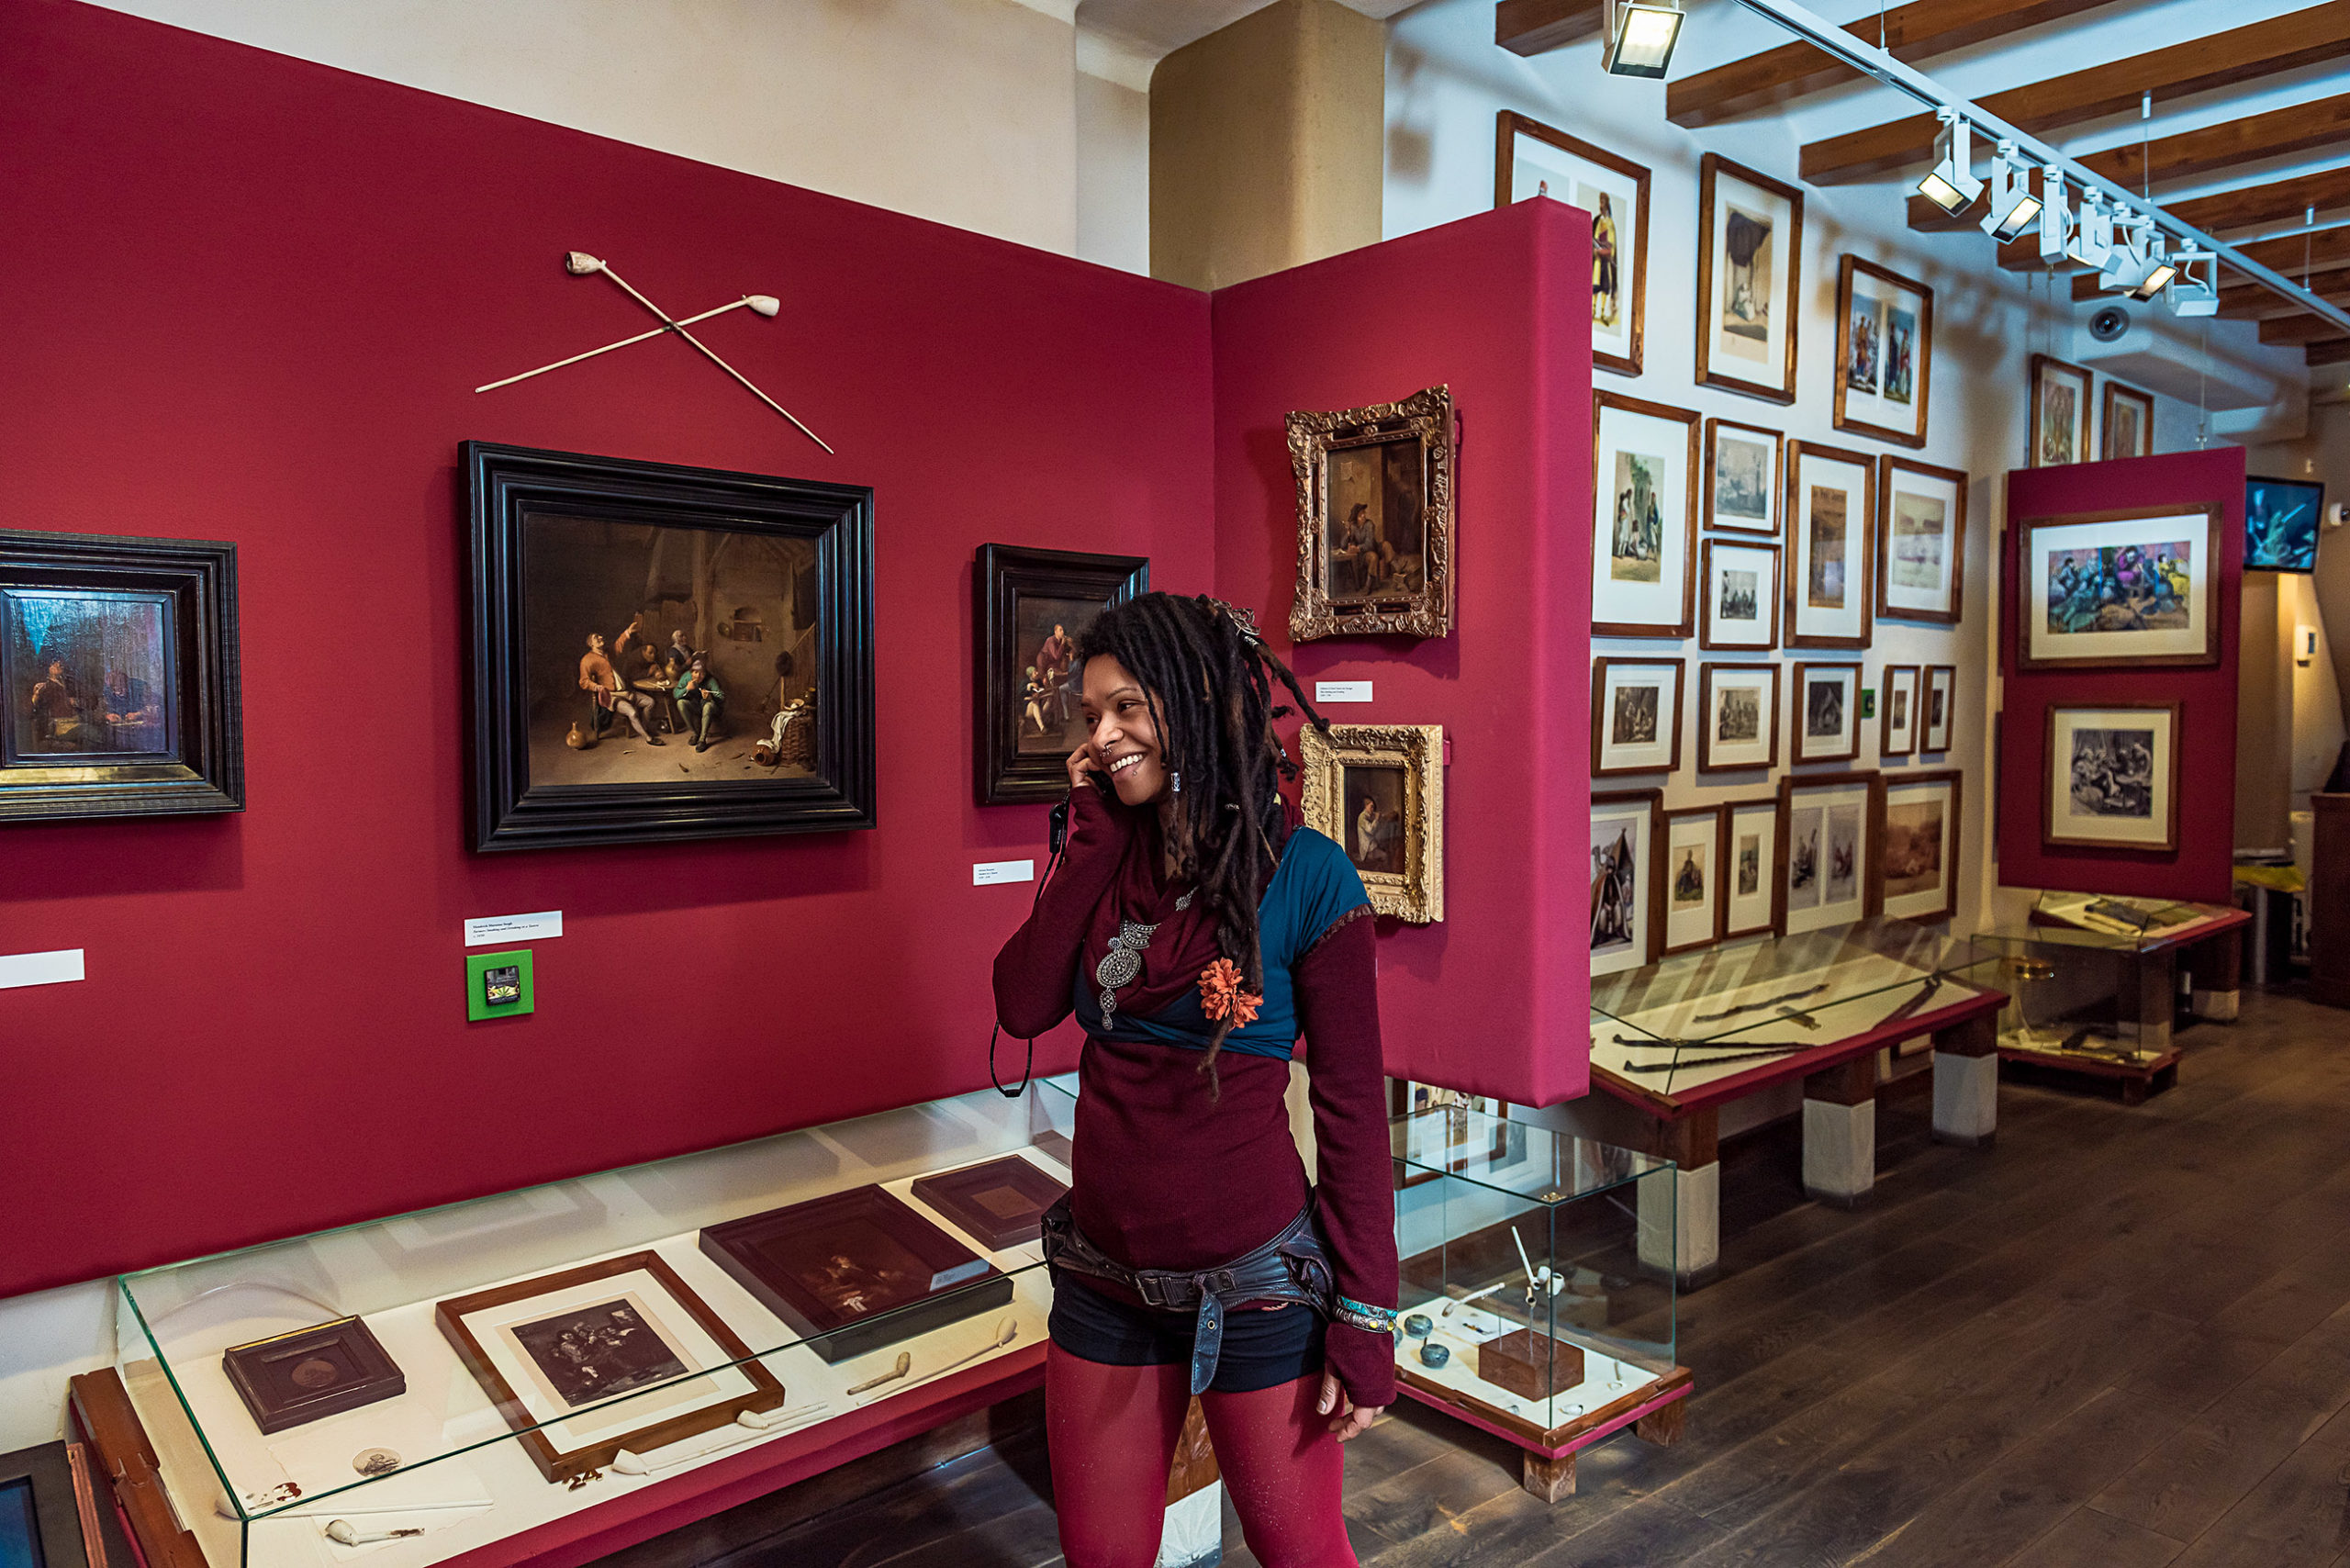 Une femme avec des dreadlocks souriant au téléphone alors qu'elle traverse le musée